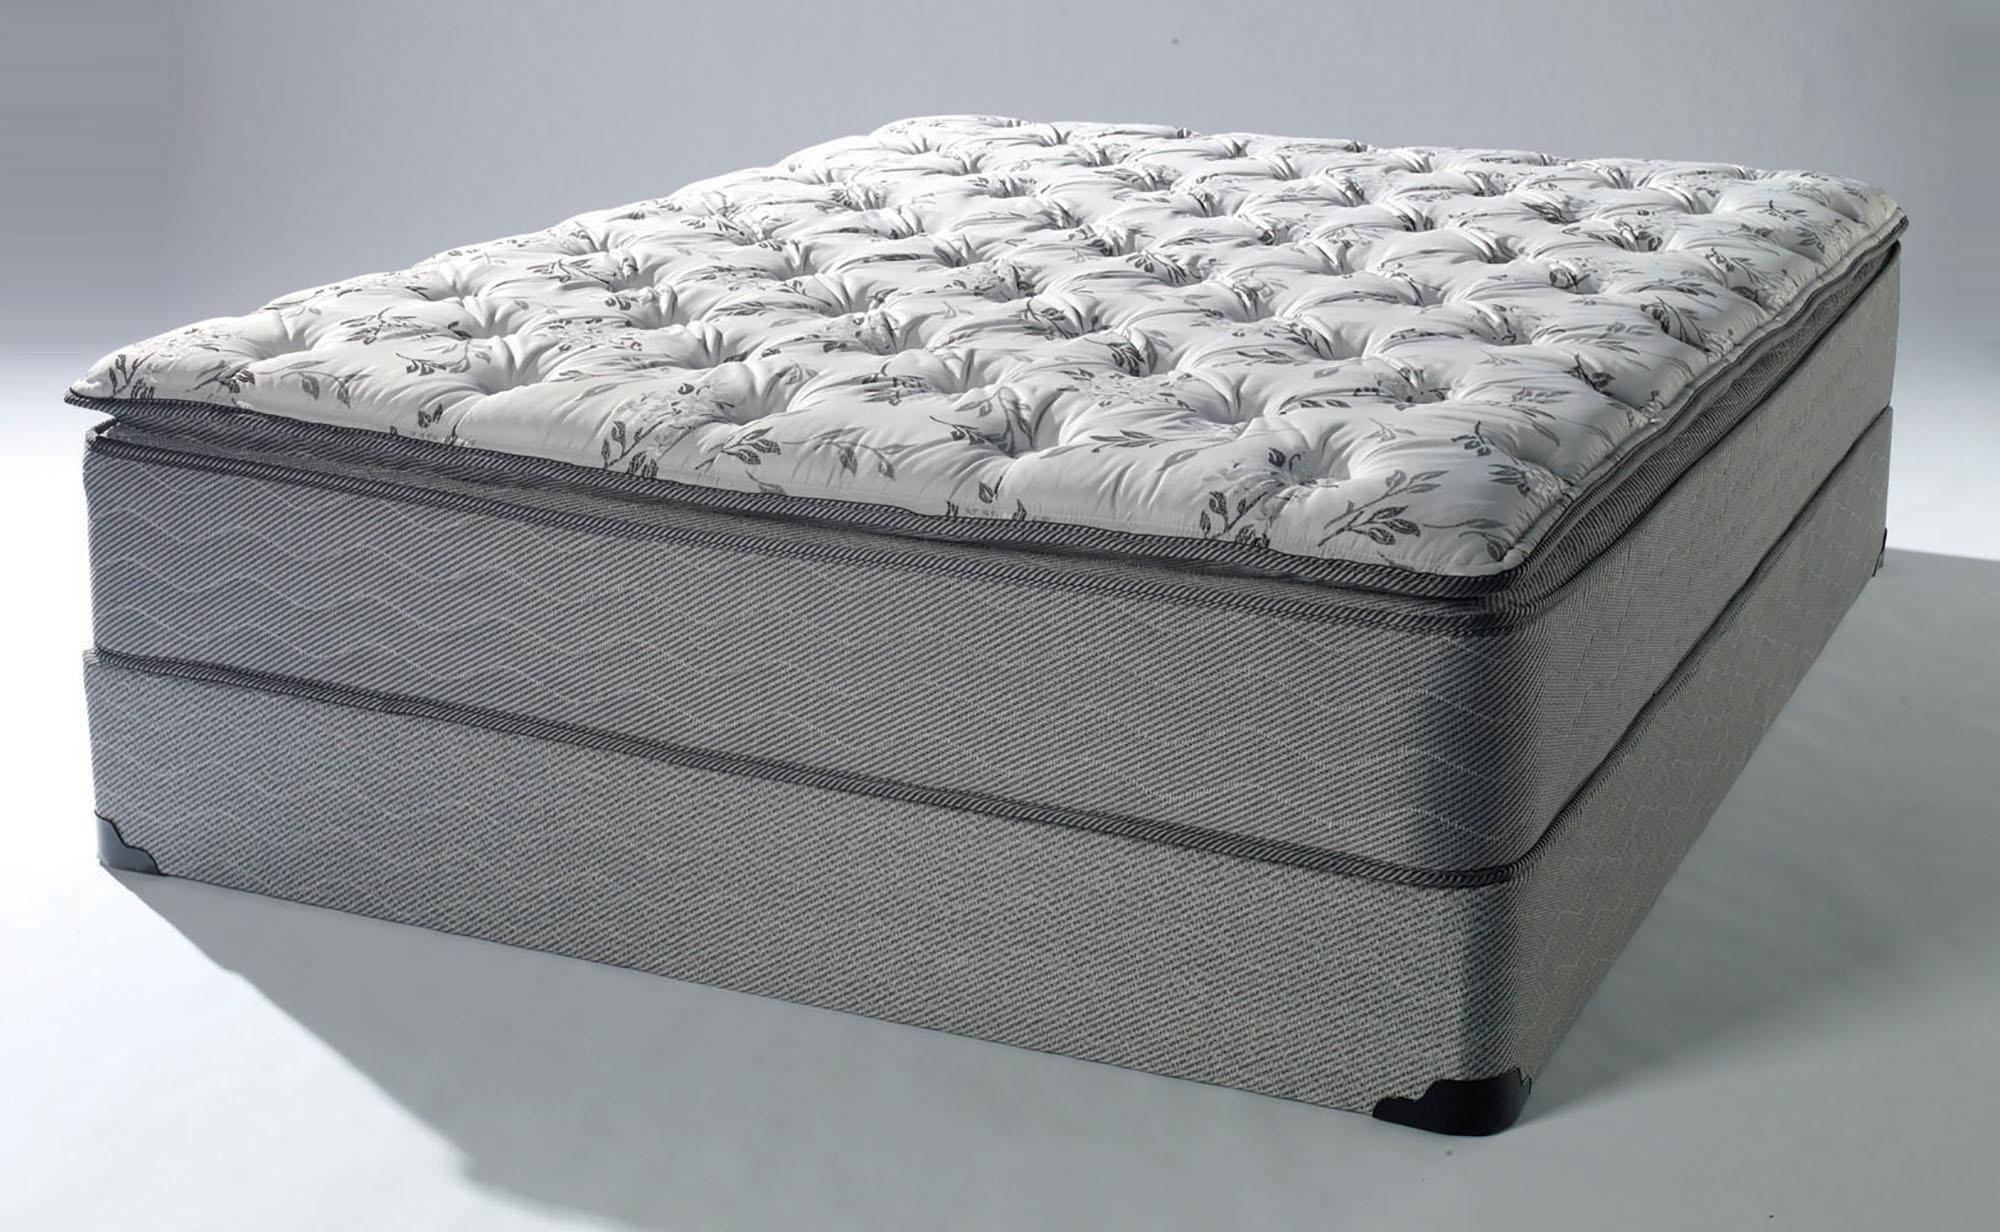 heirloom pillowtop queen mattress set